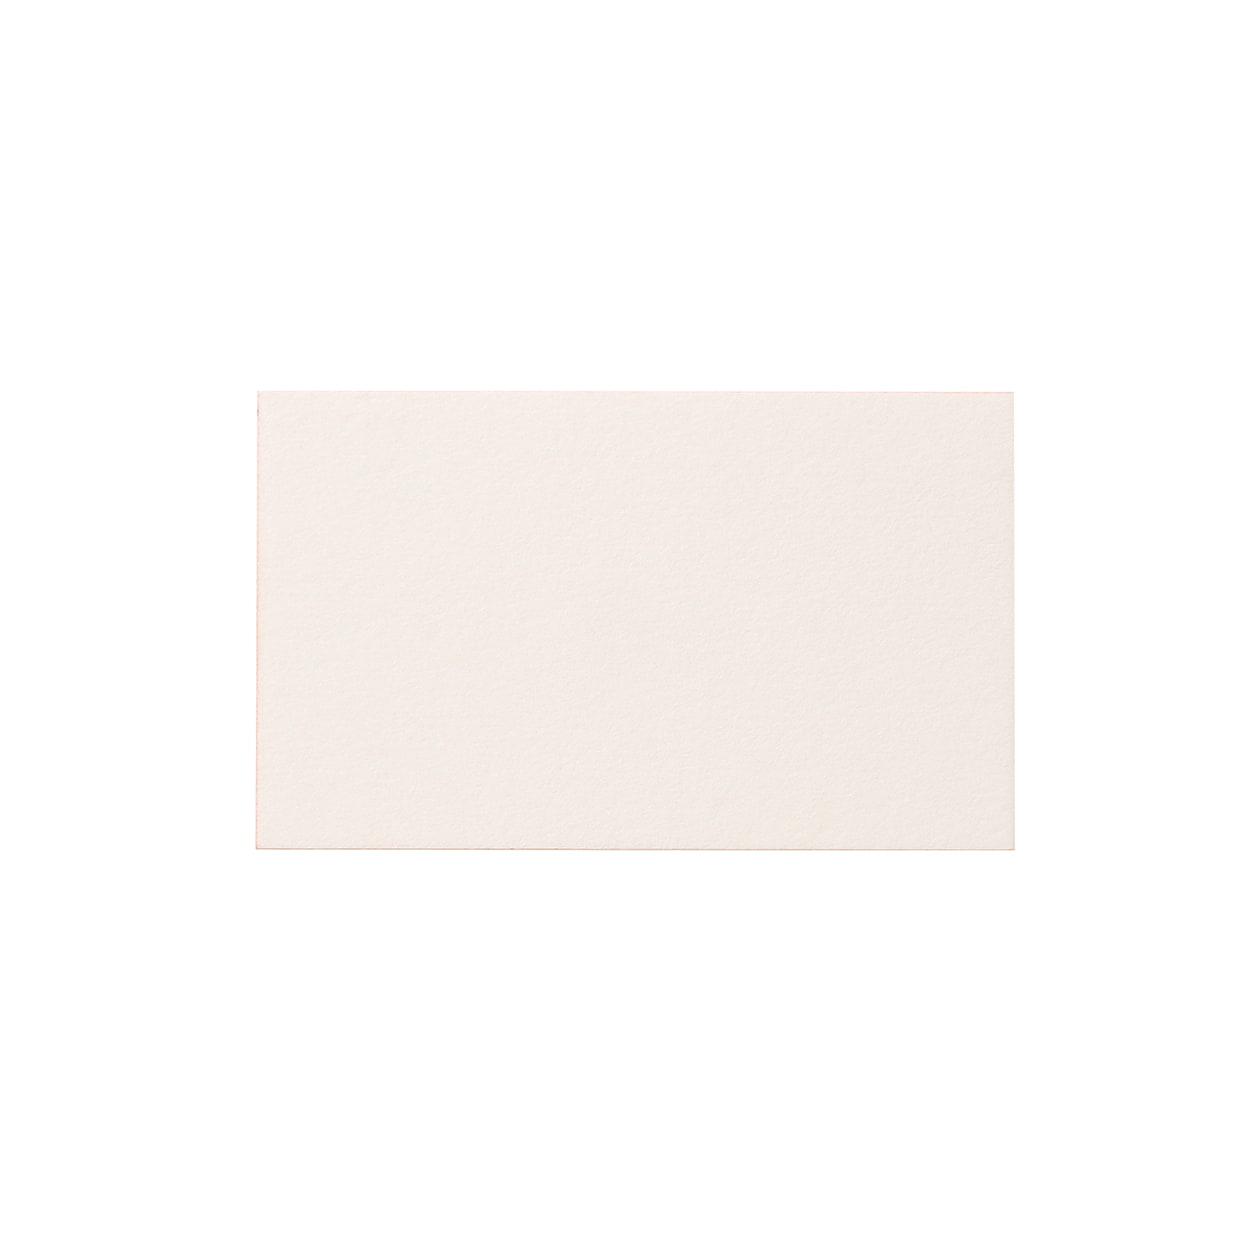 ネームカード エッジカラー バーミリオン 348.8g